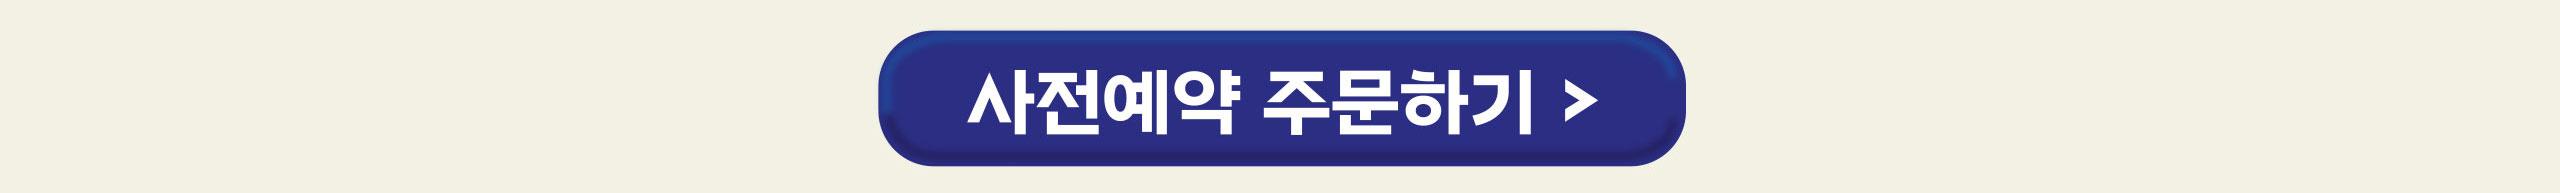 0513-제주마음샌드-상세수정_수정01_웹용_02